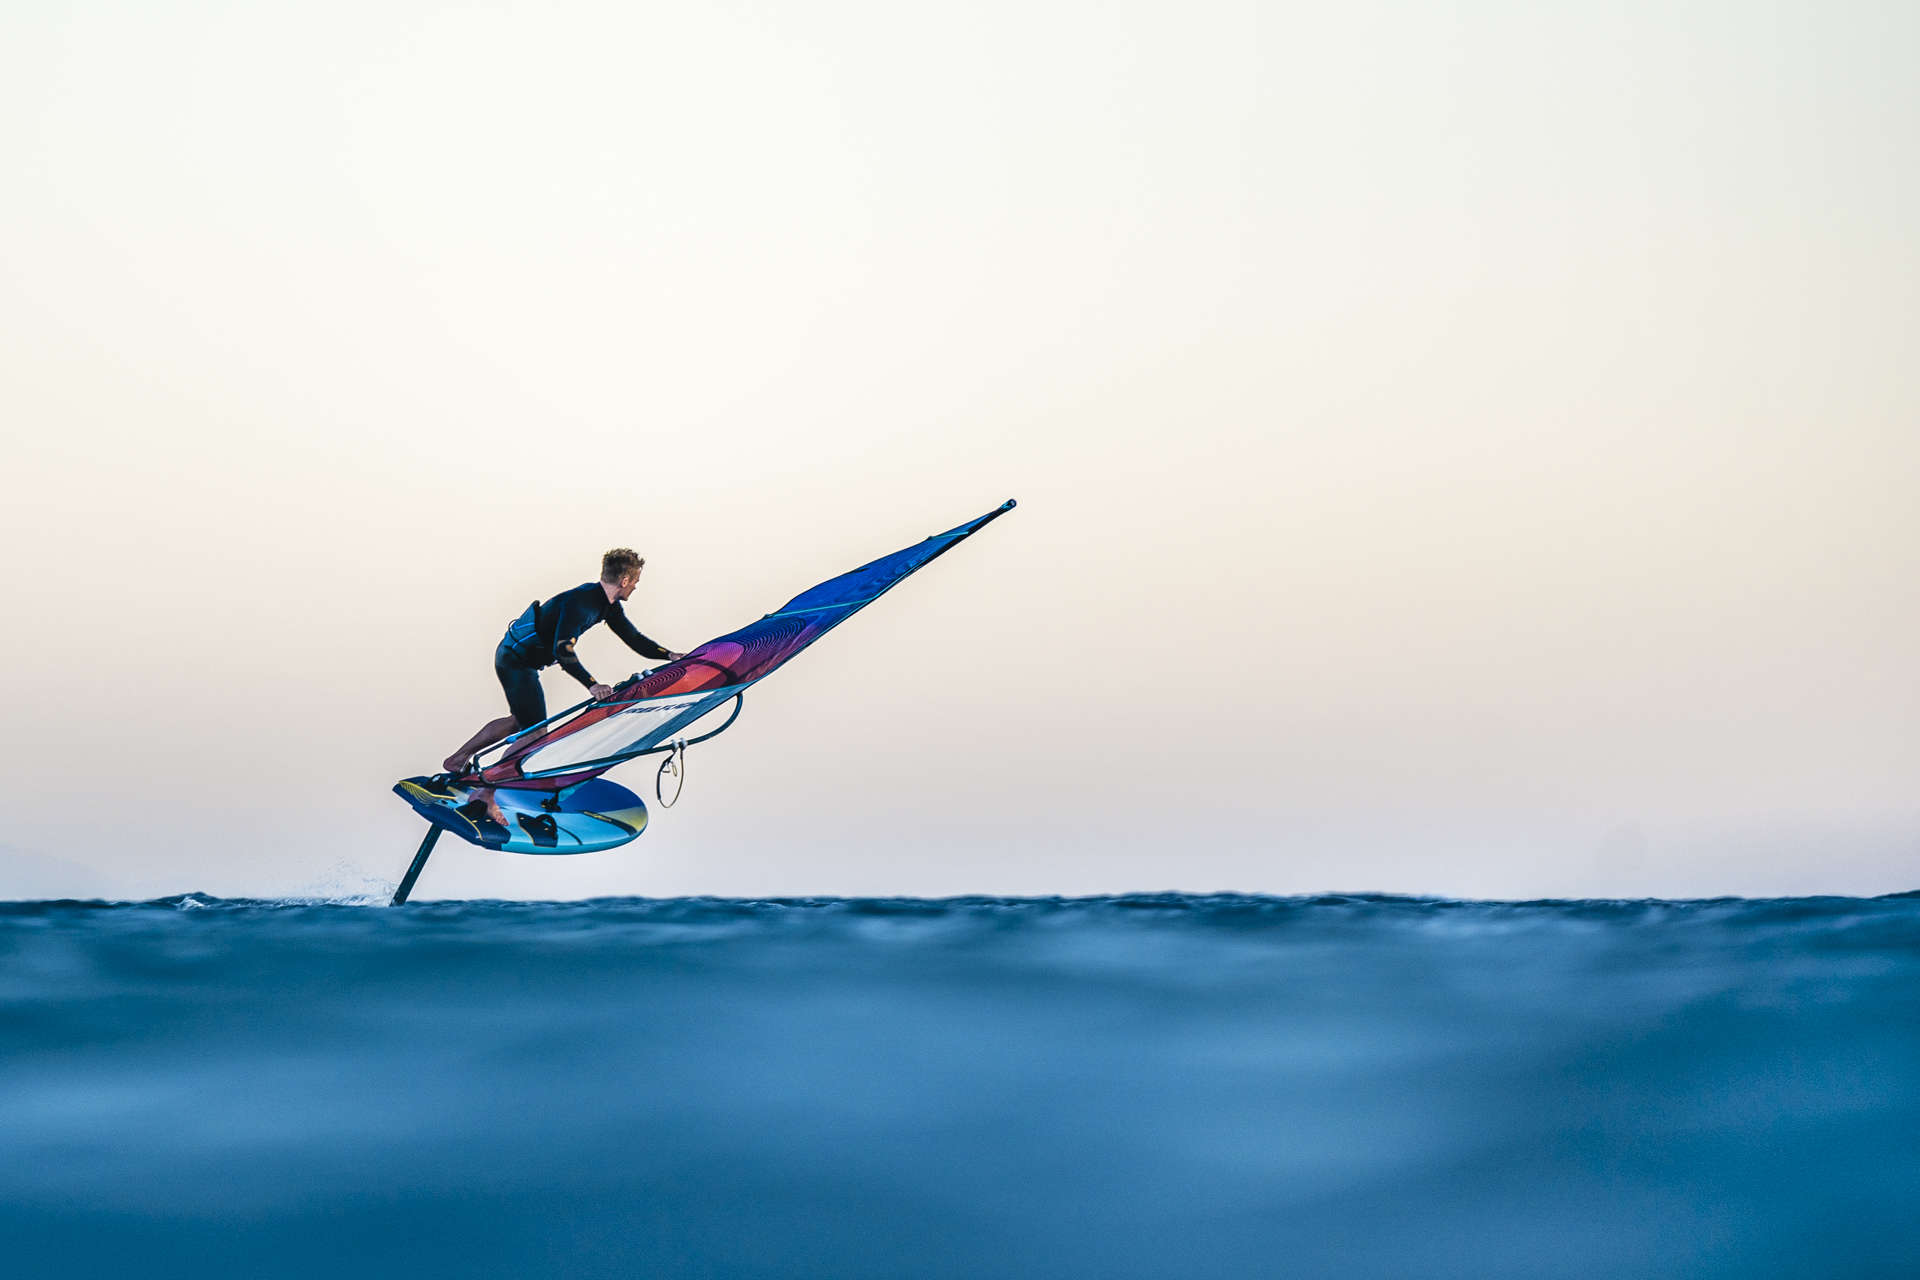 Βουλιαγμένη: 14χρονος τραυματίστηκε στο χέρι όταν έκανε flight surfboard